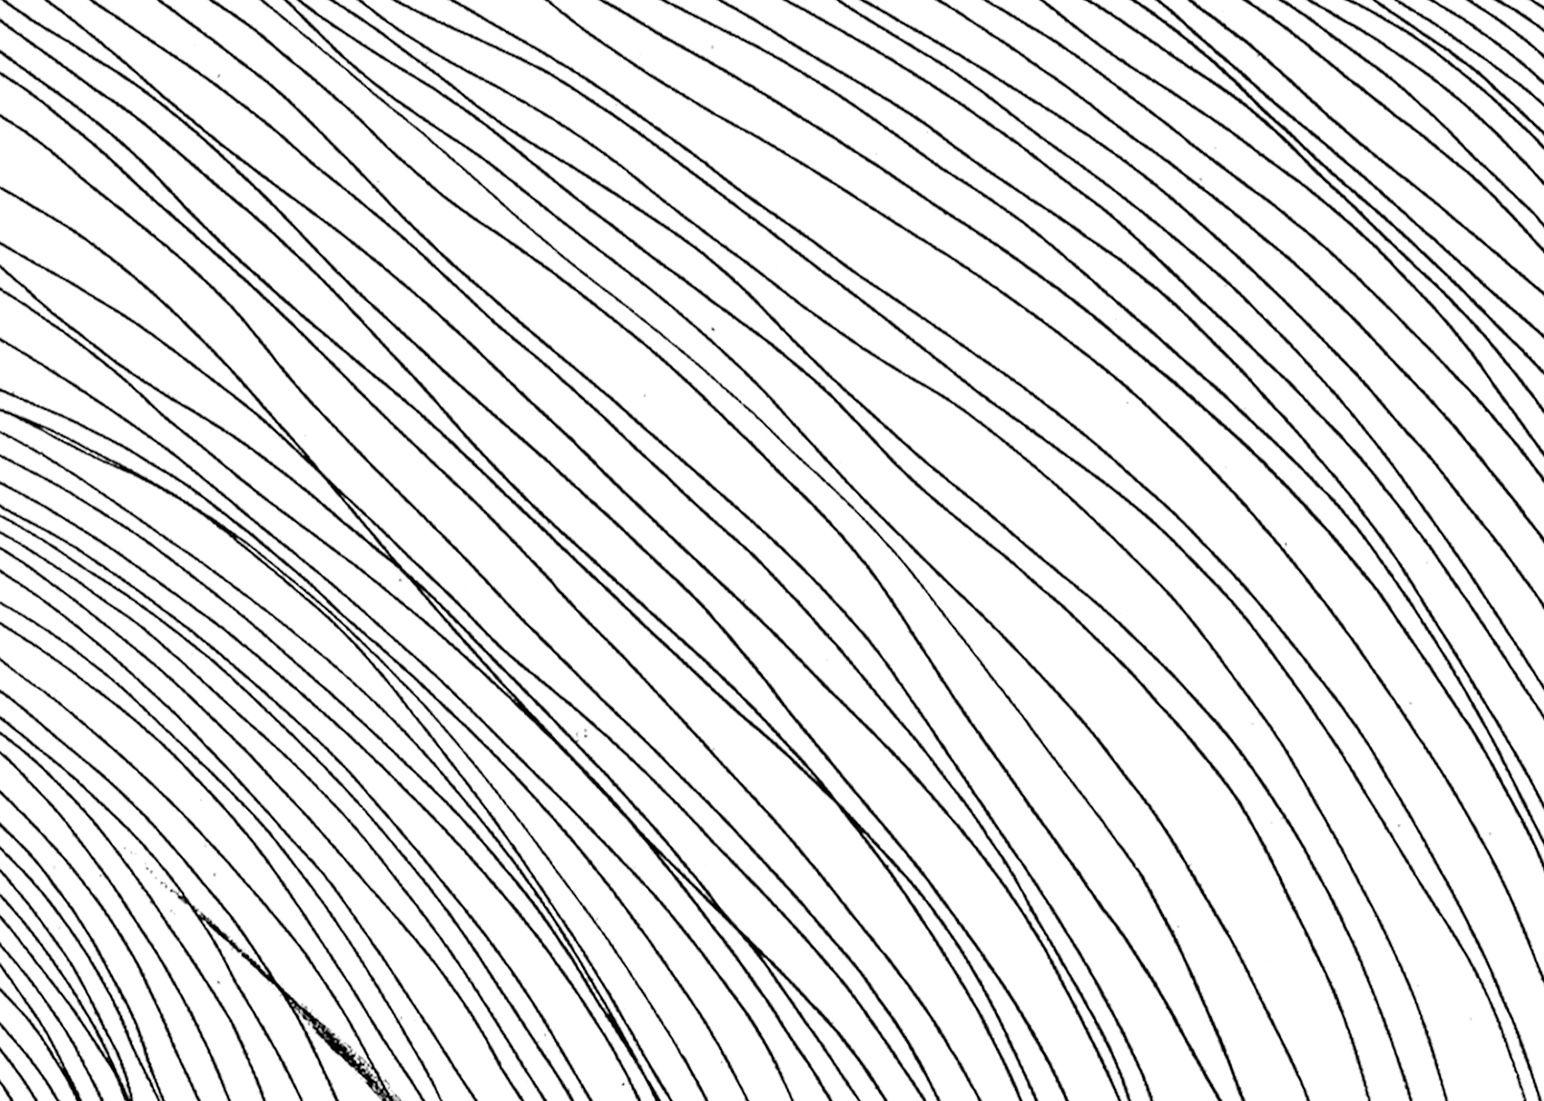 Lines, black. Feutre fin. © Noemie Devime